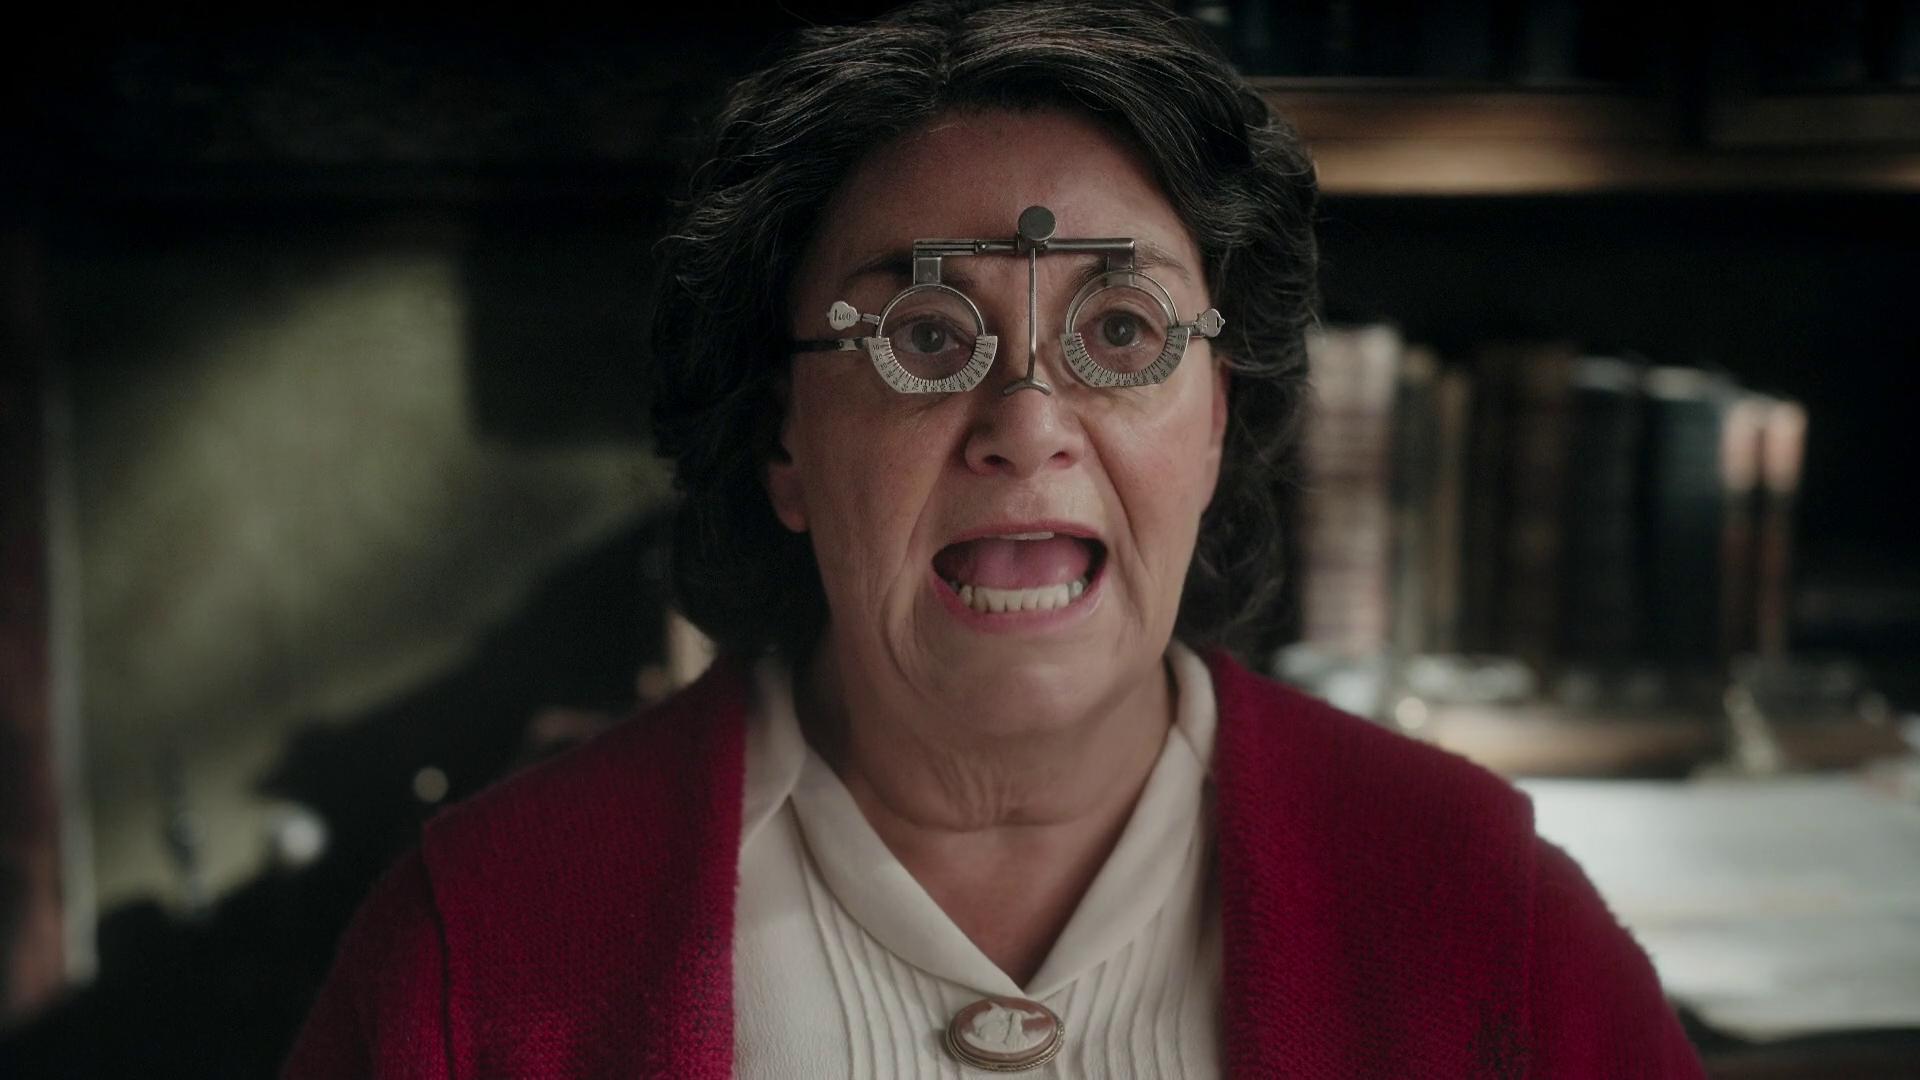 Roald y Beatrix: La Cola del Raton Curioso (2020) 1080p BDrip Latino